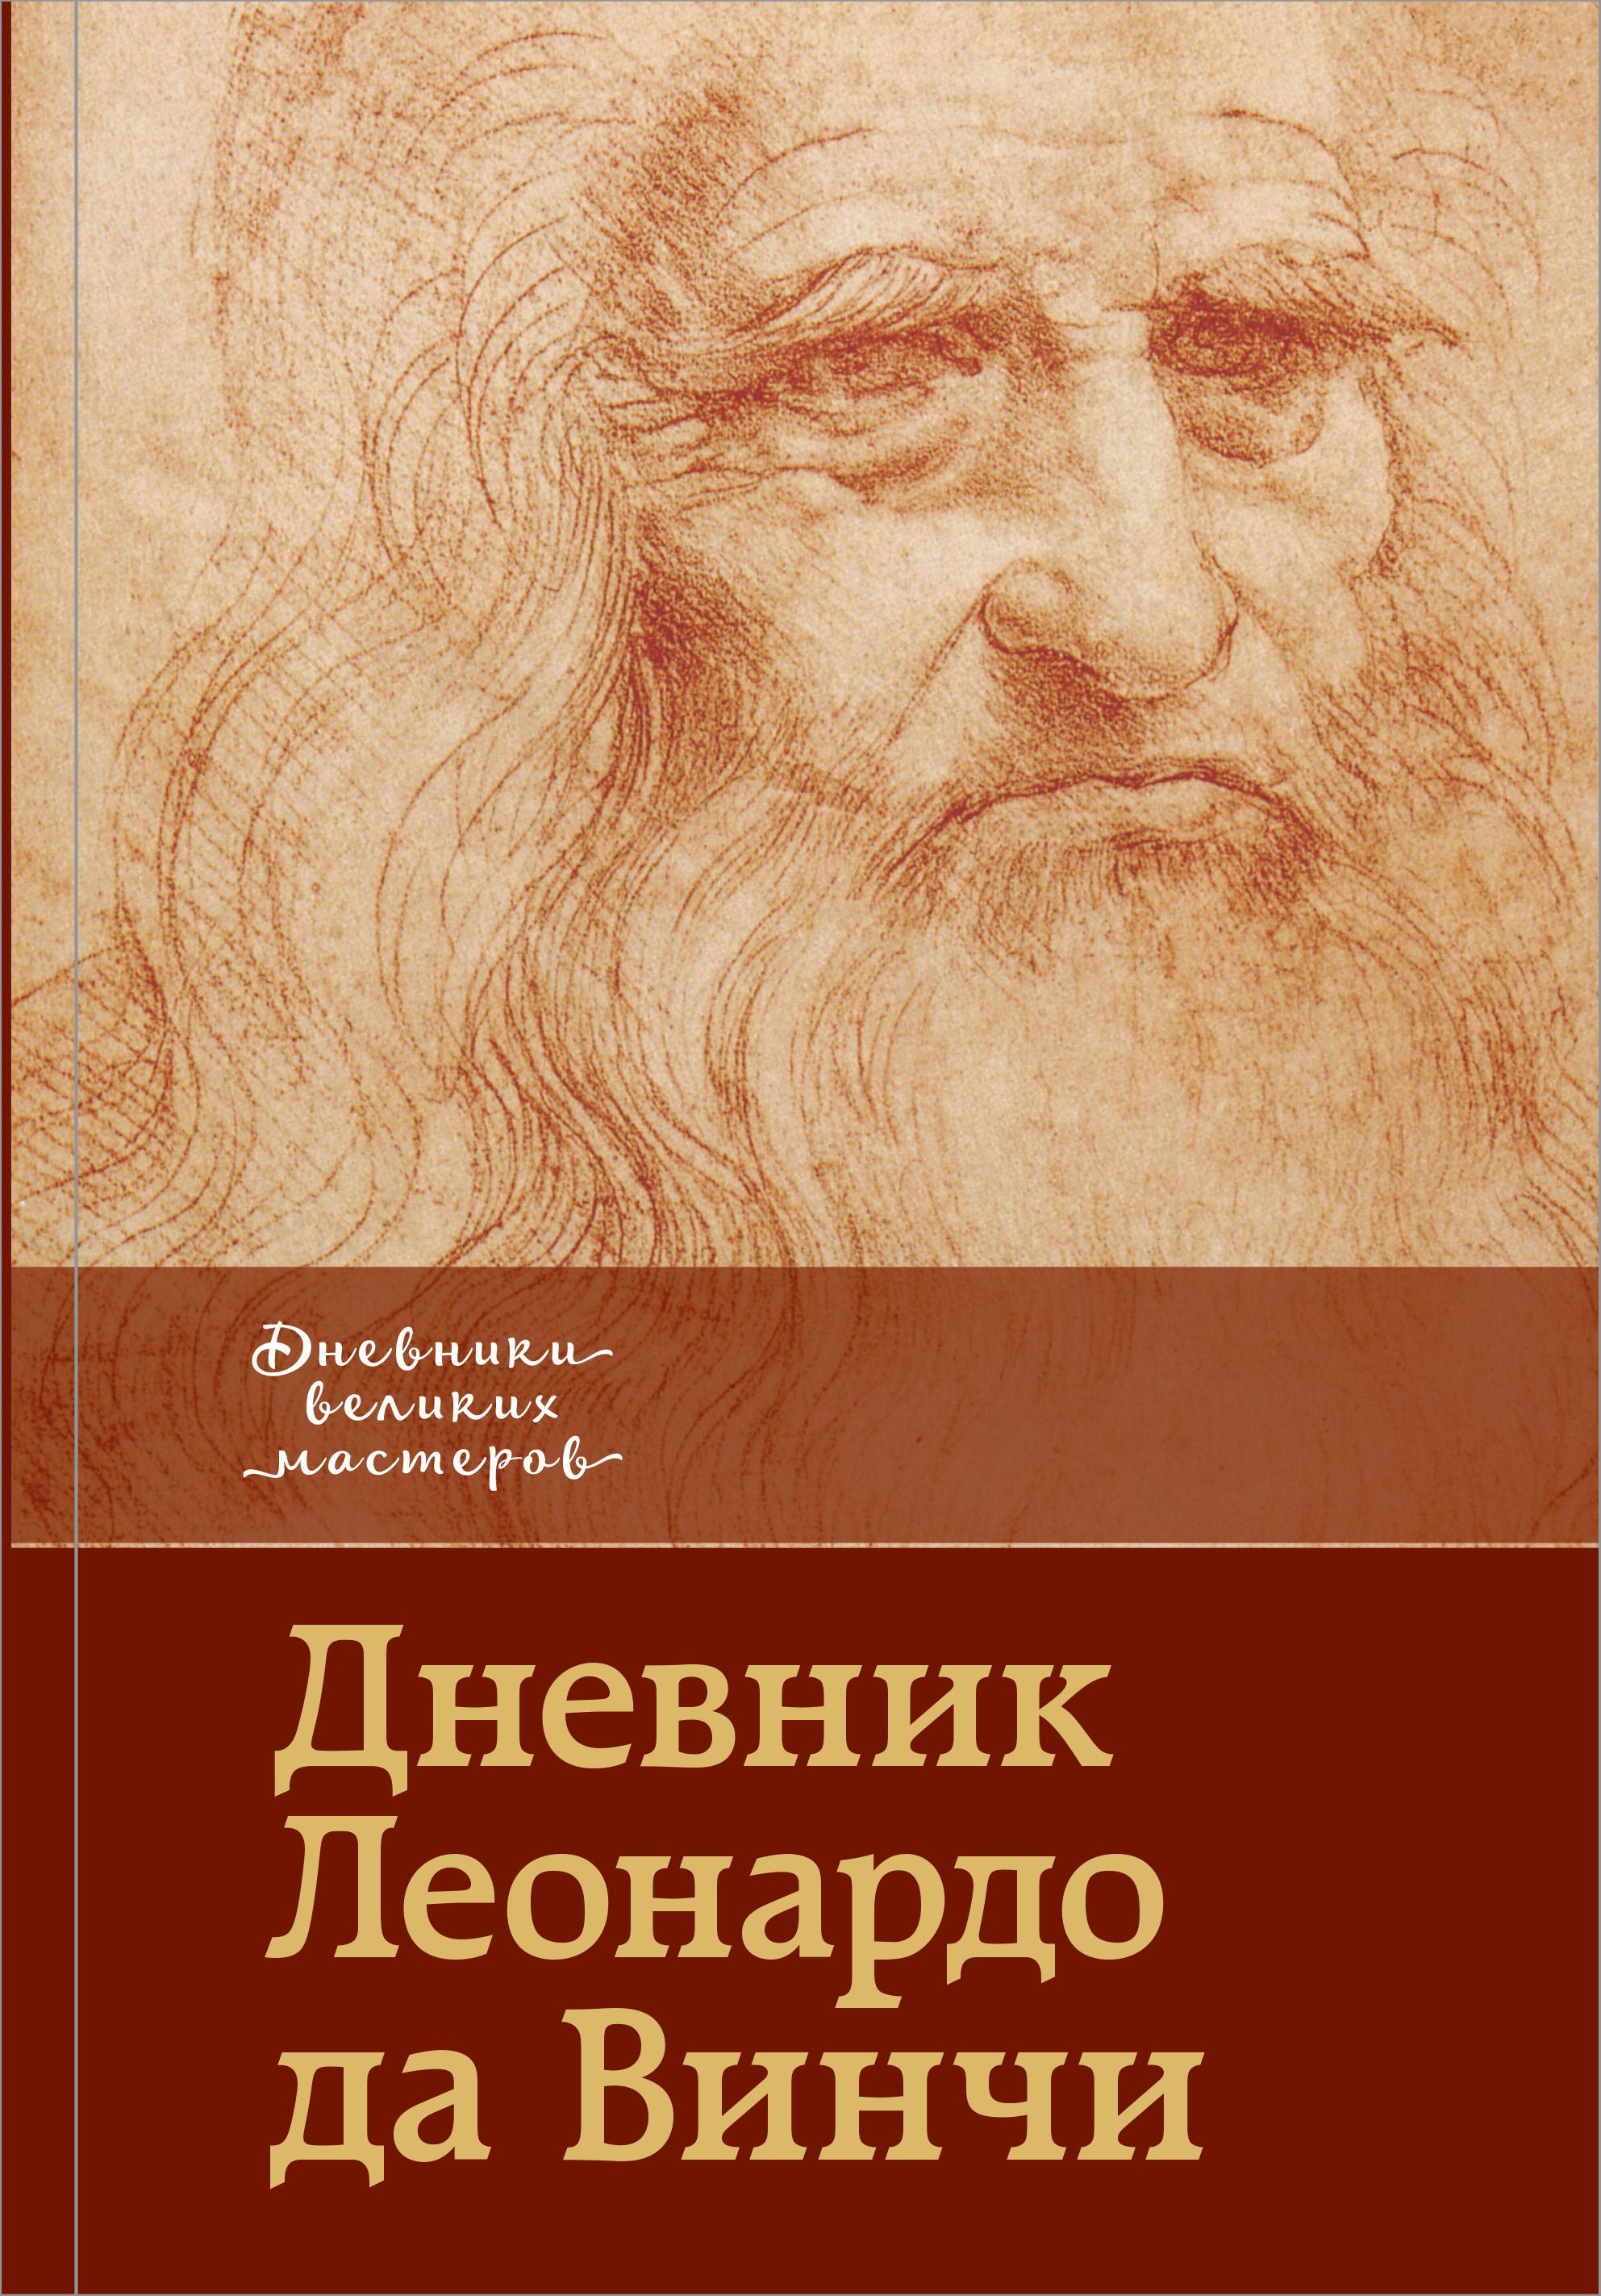 Кортунова Н.Д. Дневник Леонардо да Винчи вешалка леонардо